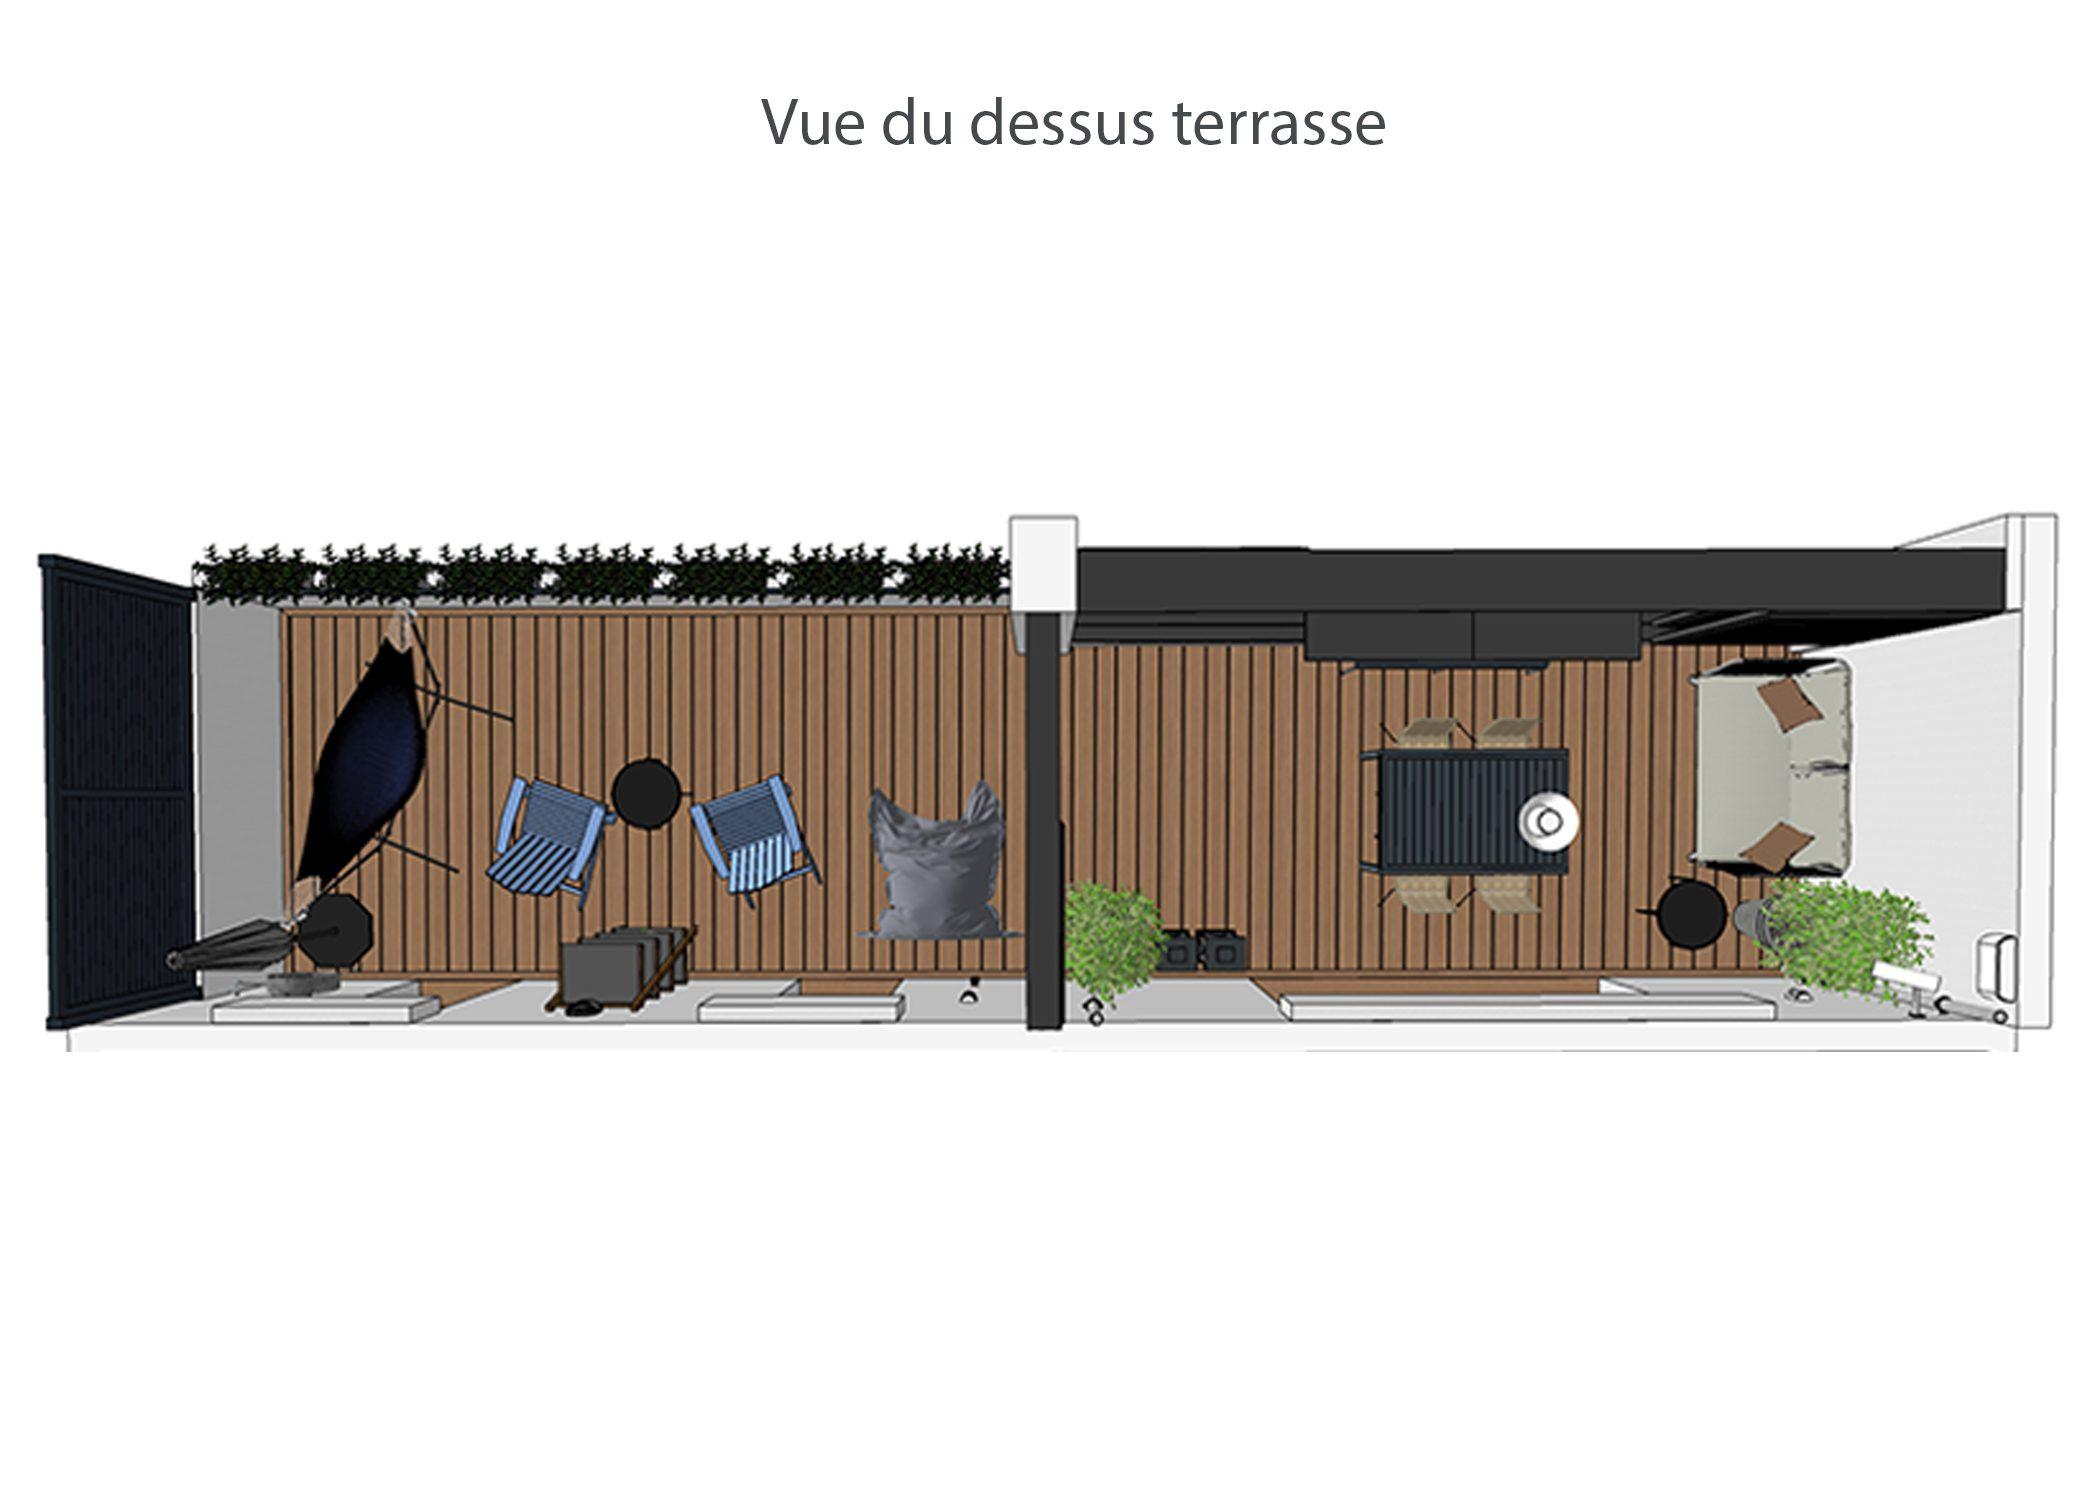 decoration-terrasse et chambre-vue du dessus terrasse-aix-en-provence-dekho design